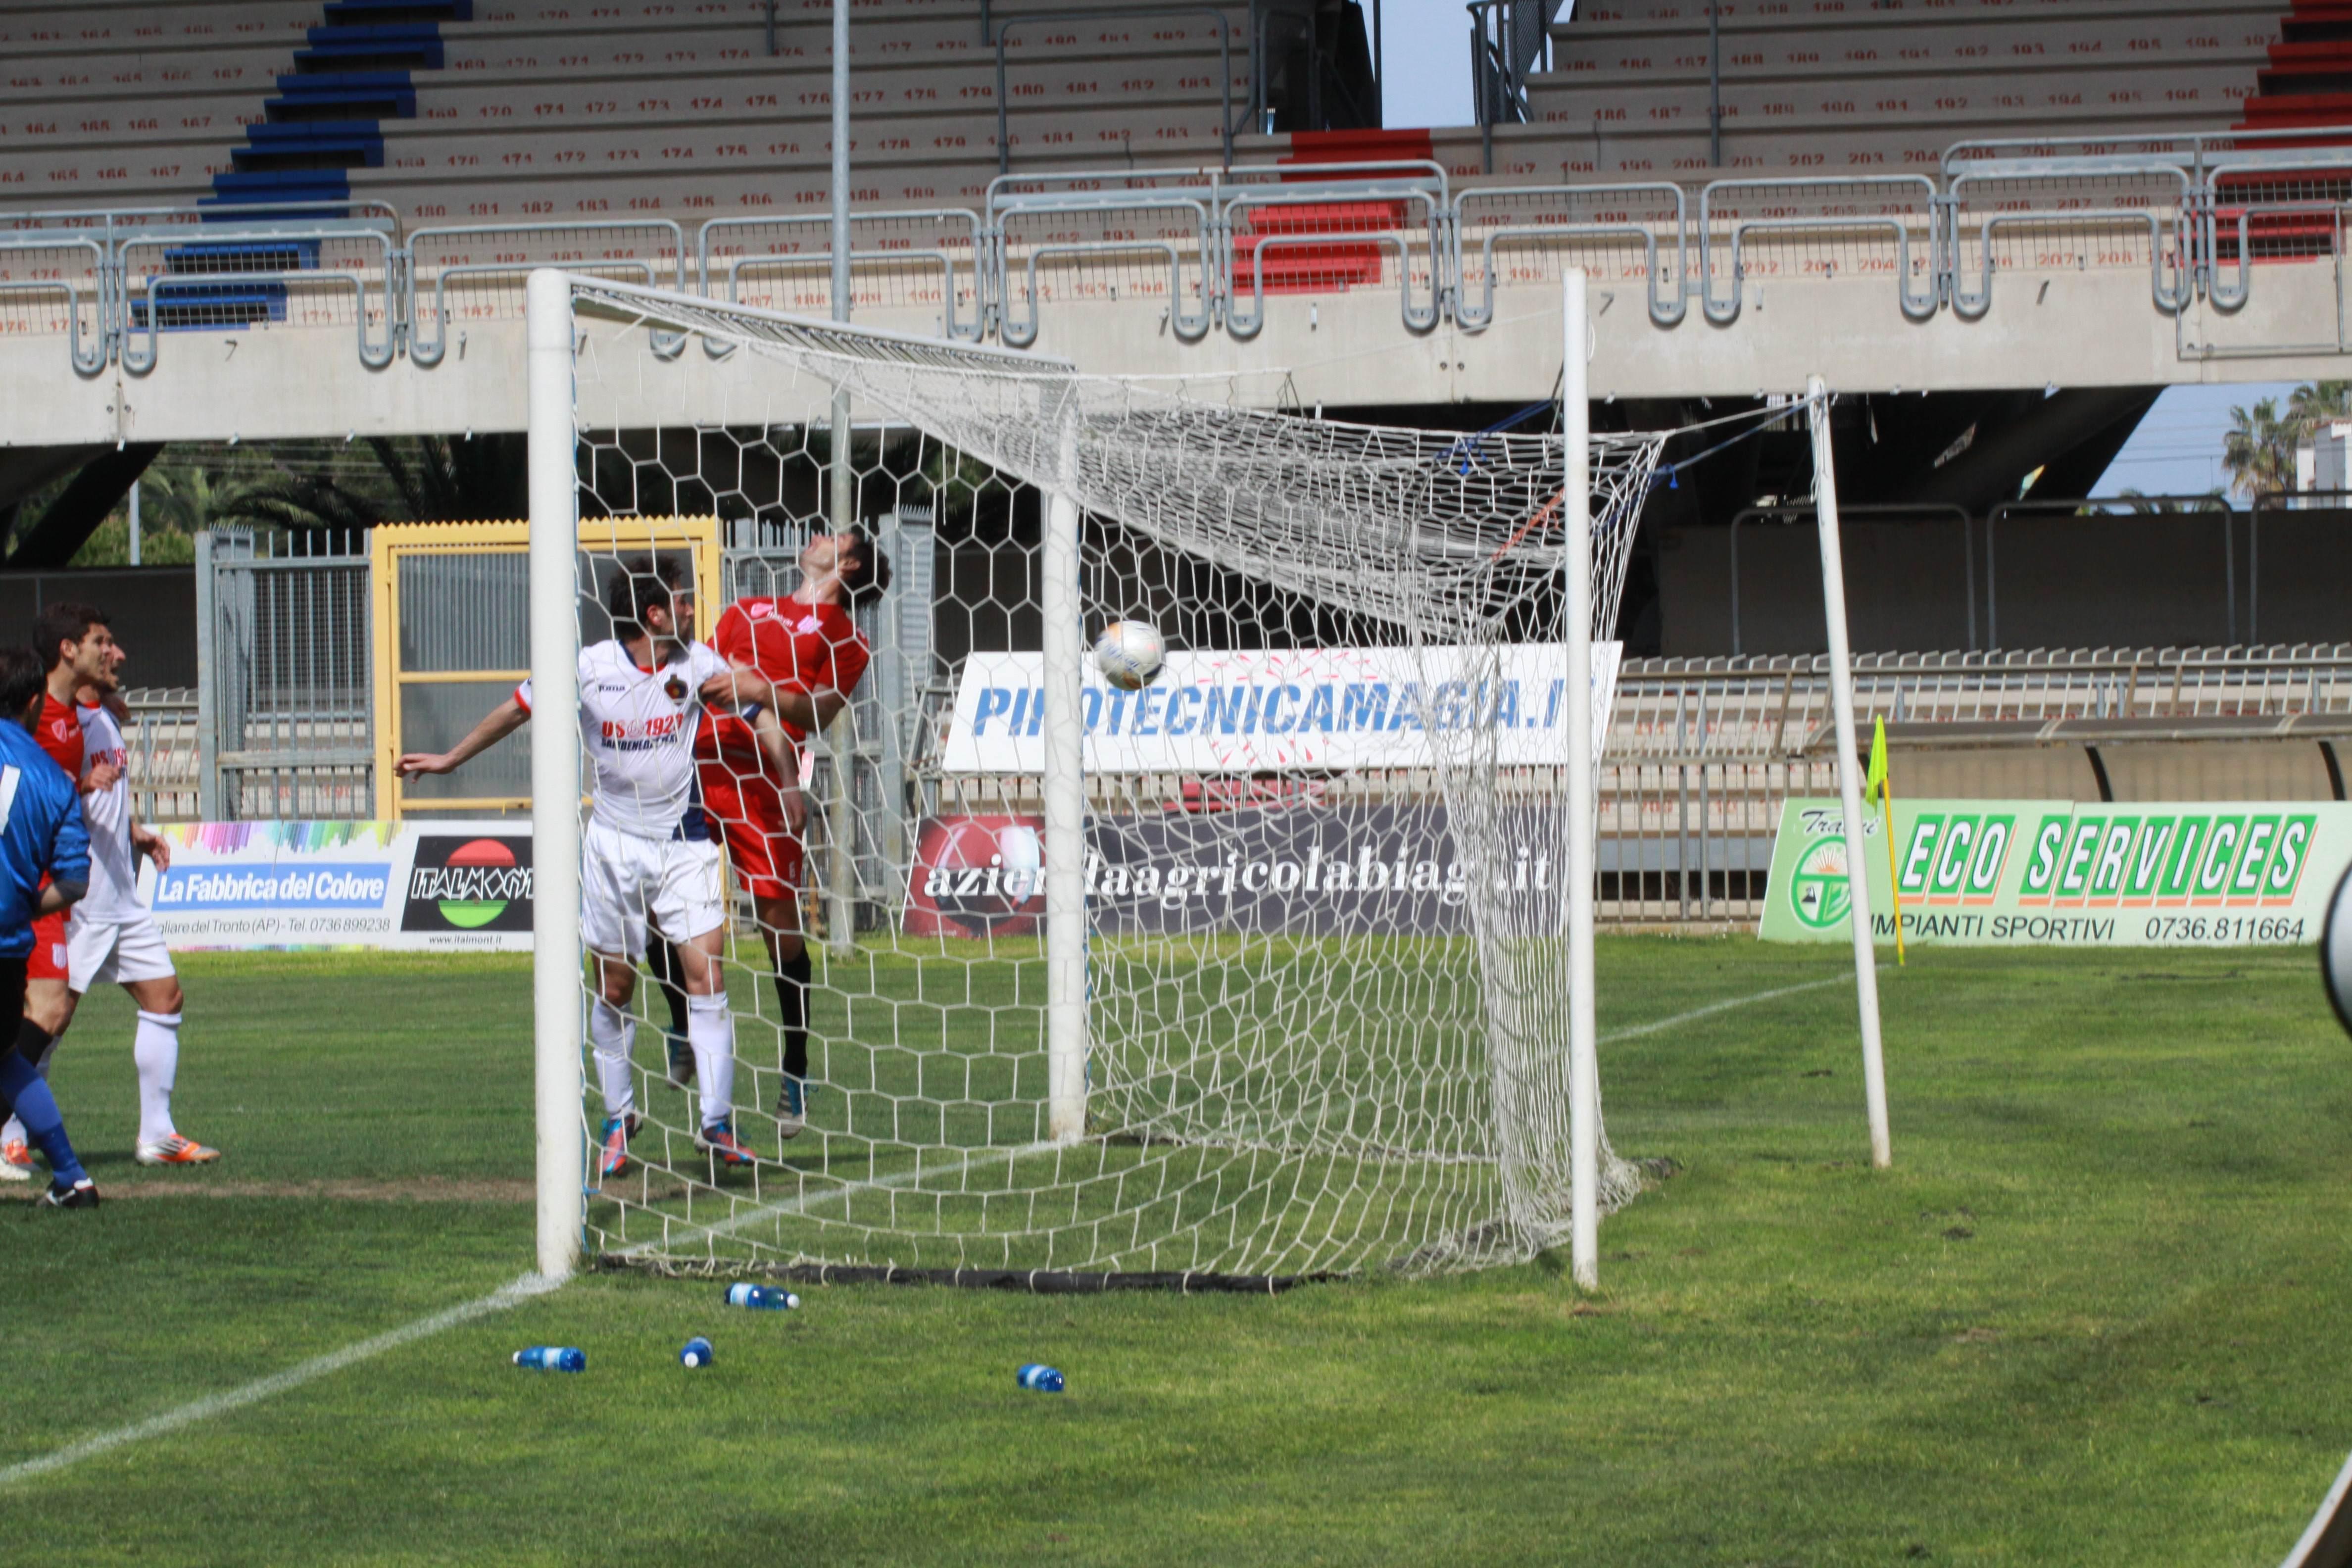 Samb-Isernia (bianchini) gol Quondamatteo 1